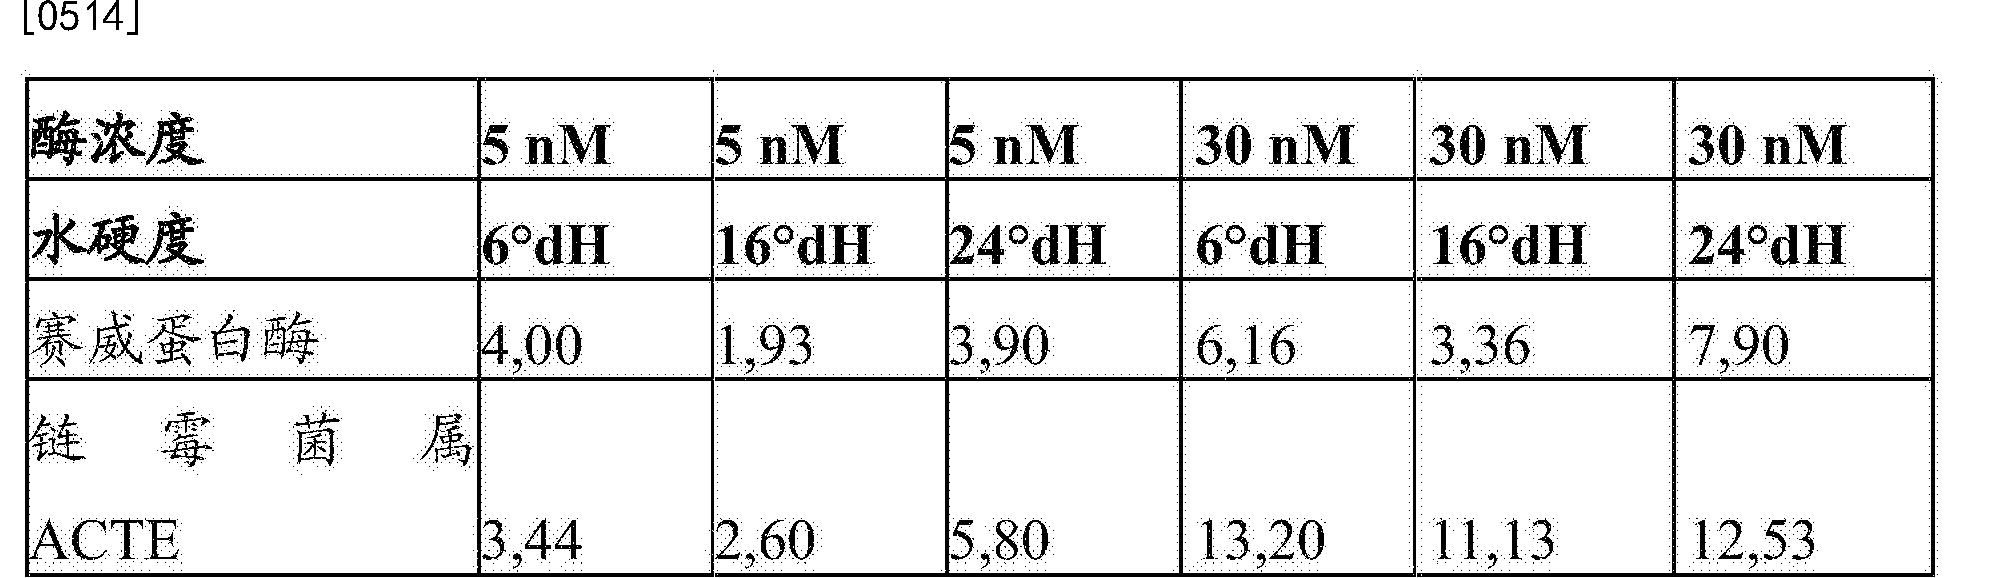 Figure CN104271726BD00592